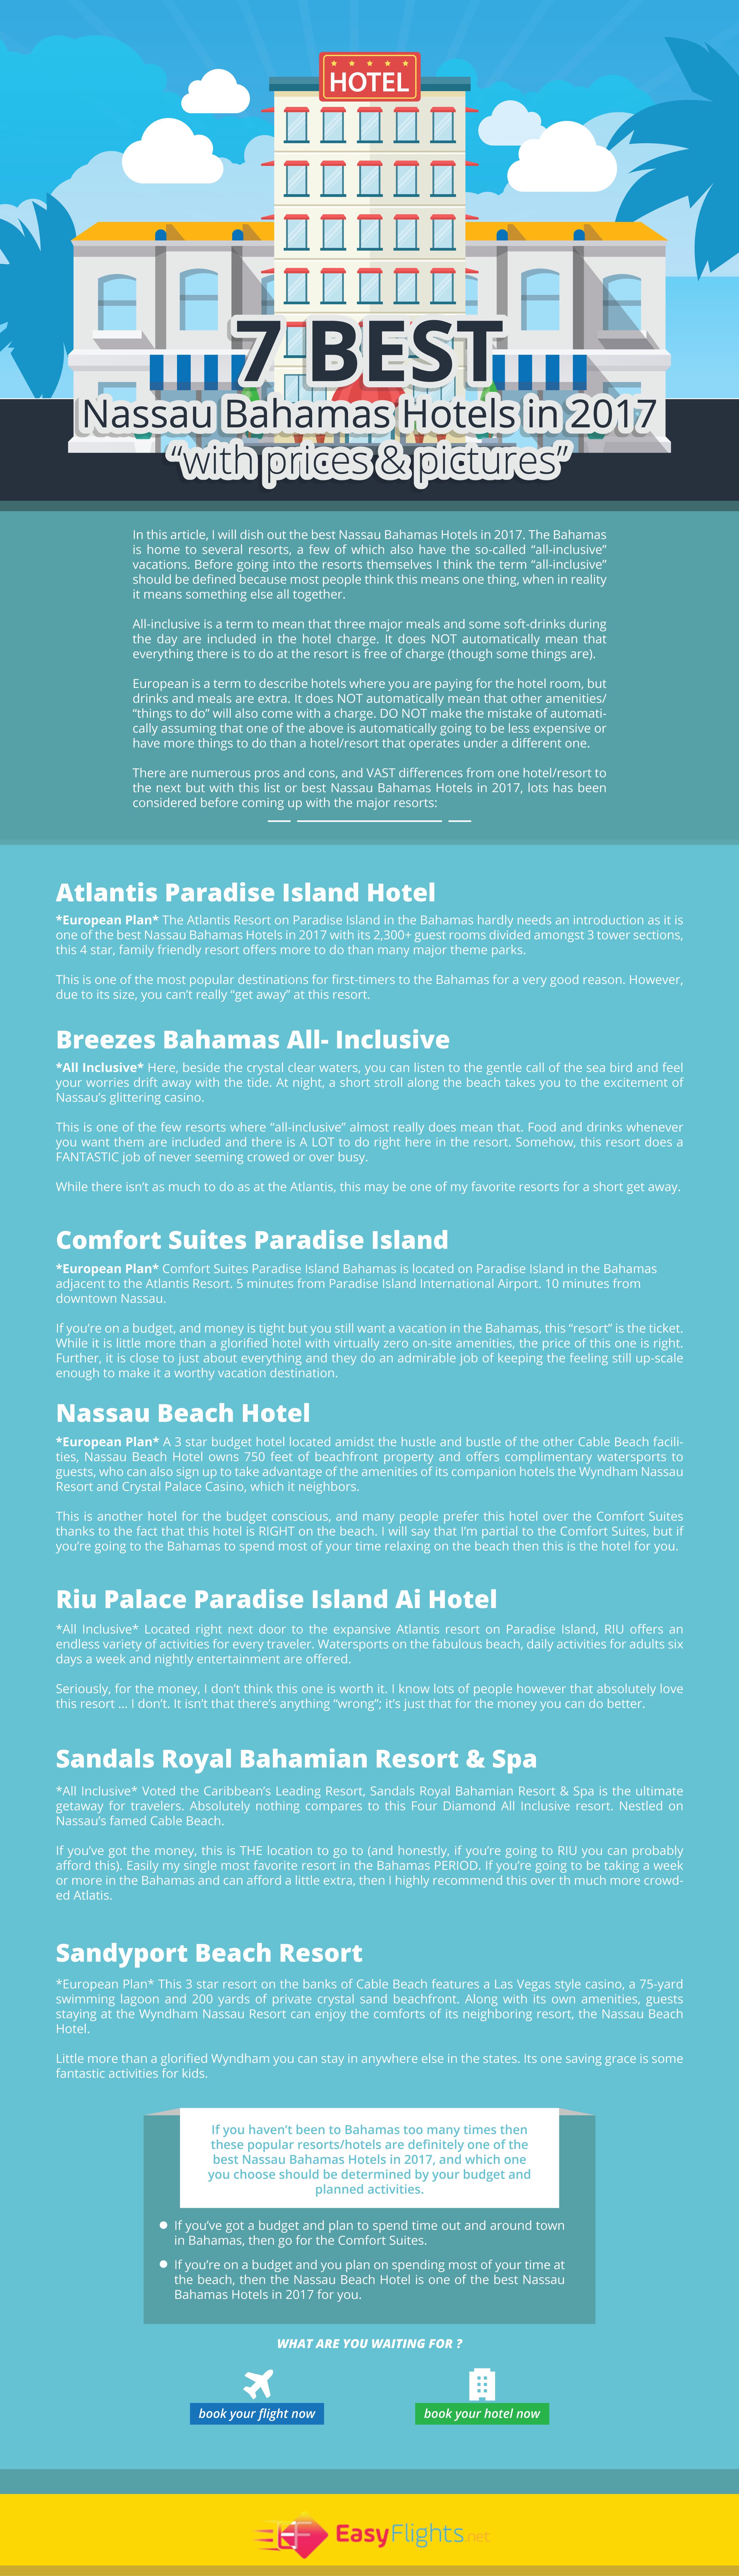 Nassau Bahamas Hotels